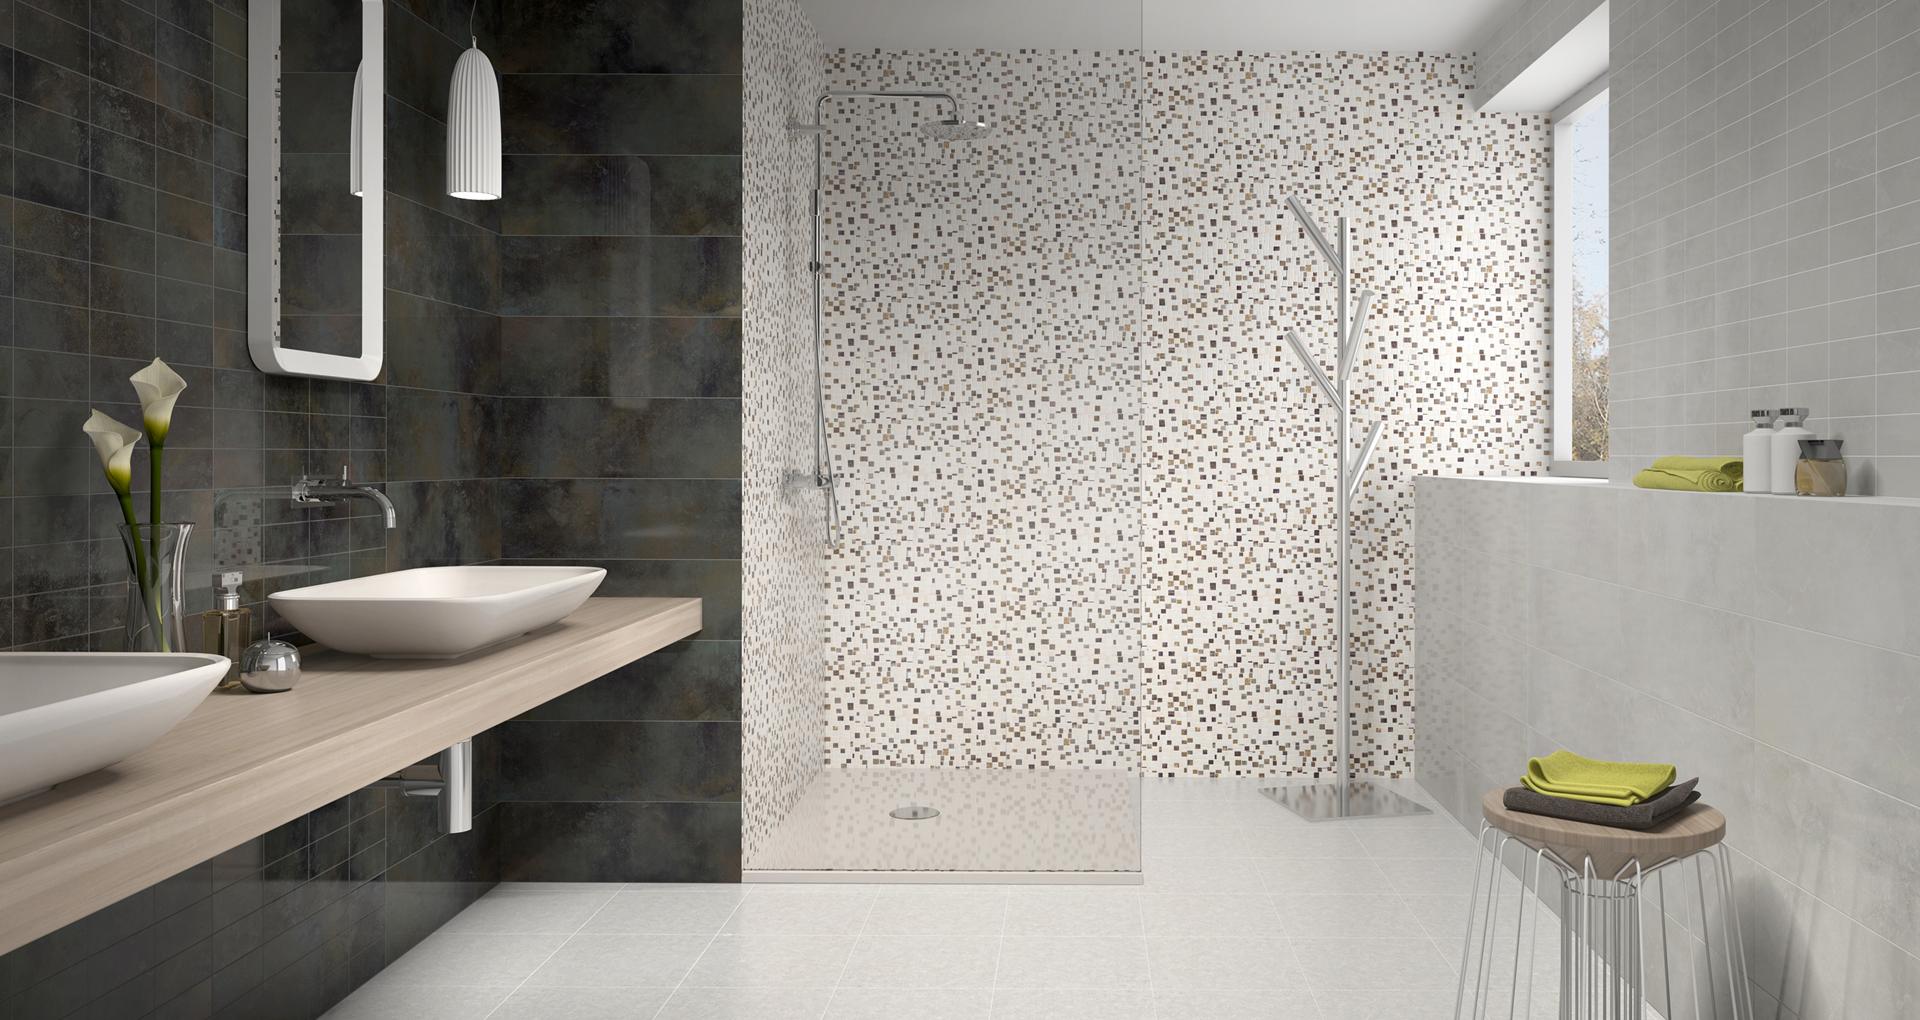 Carrelage, sanitaire, robinetterie, salle de bains u2014 Frazzi